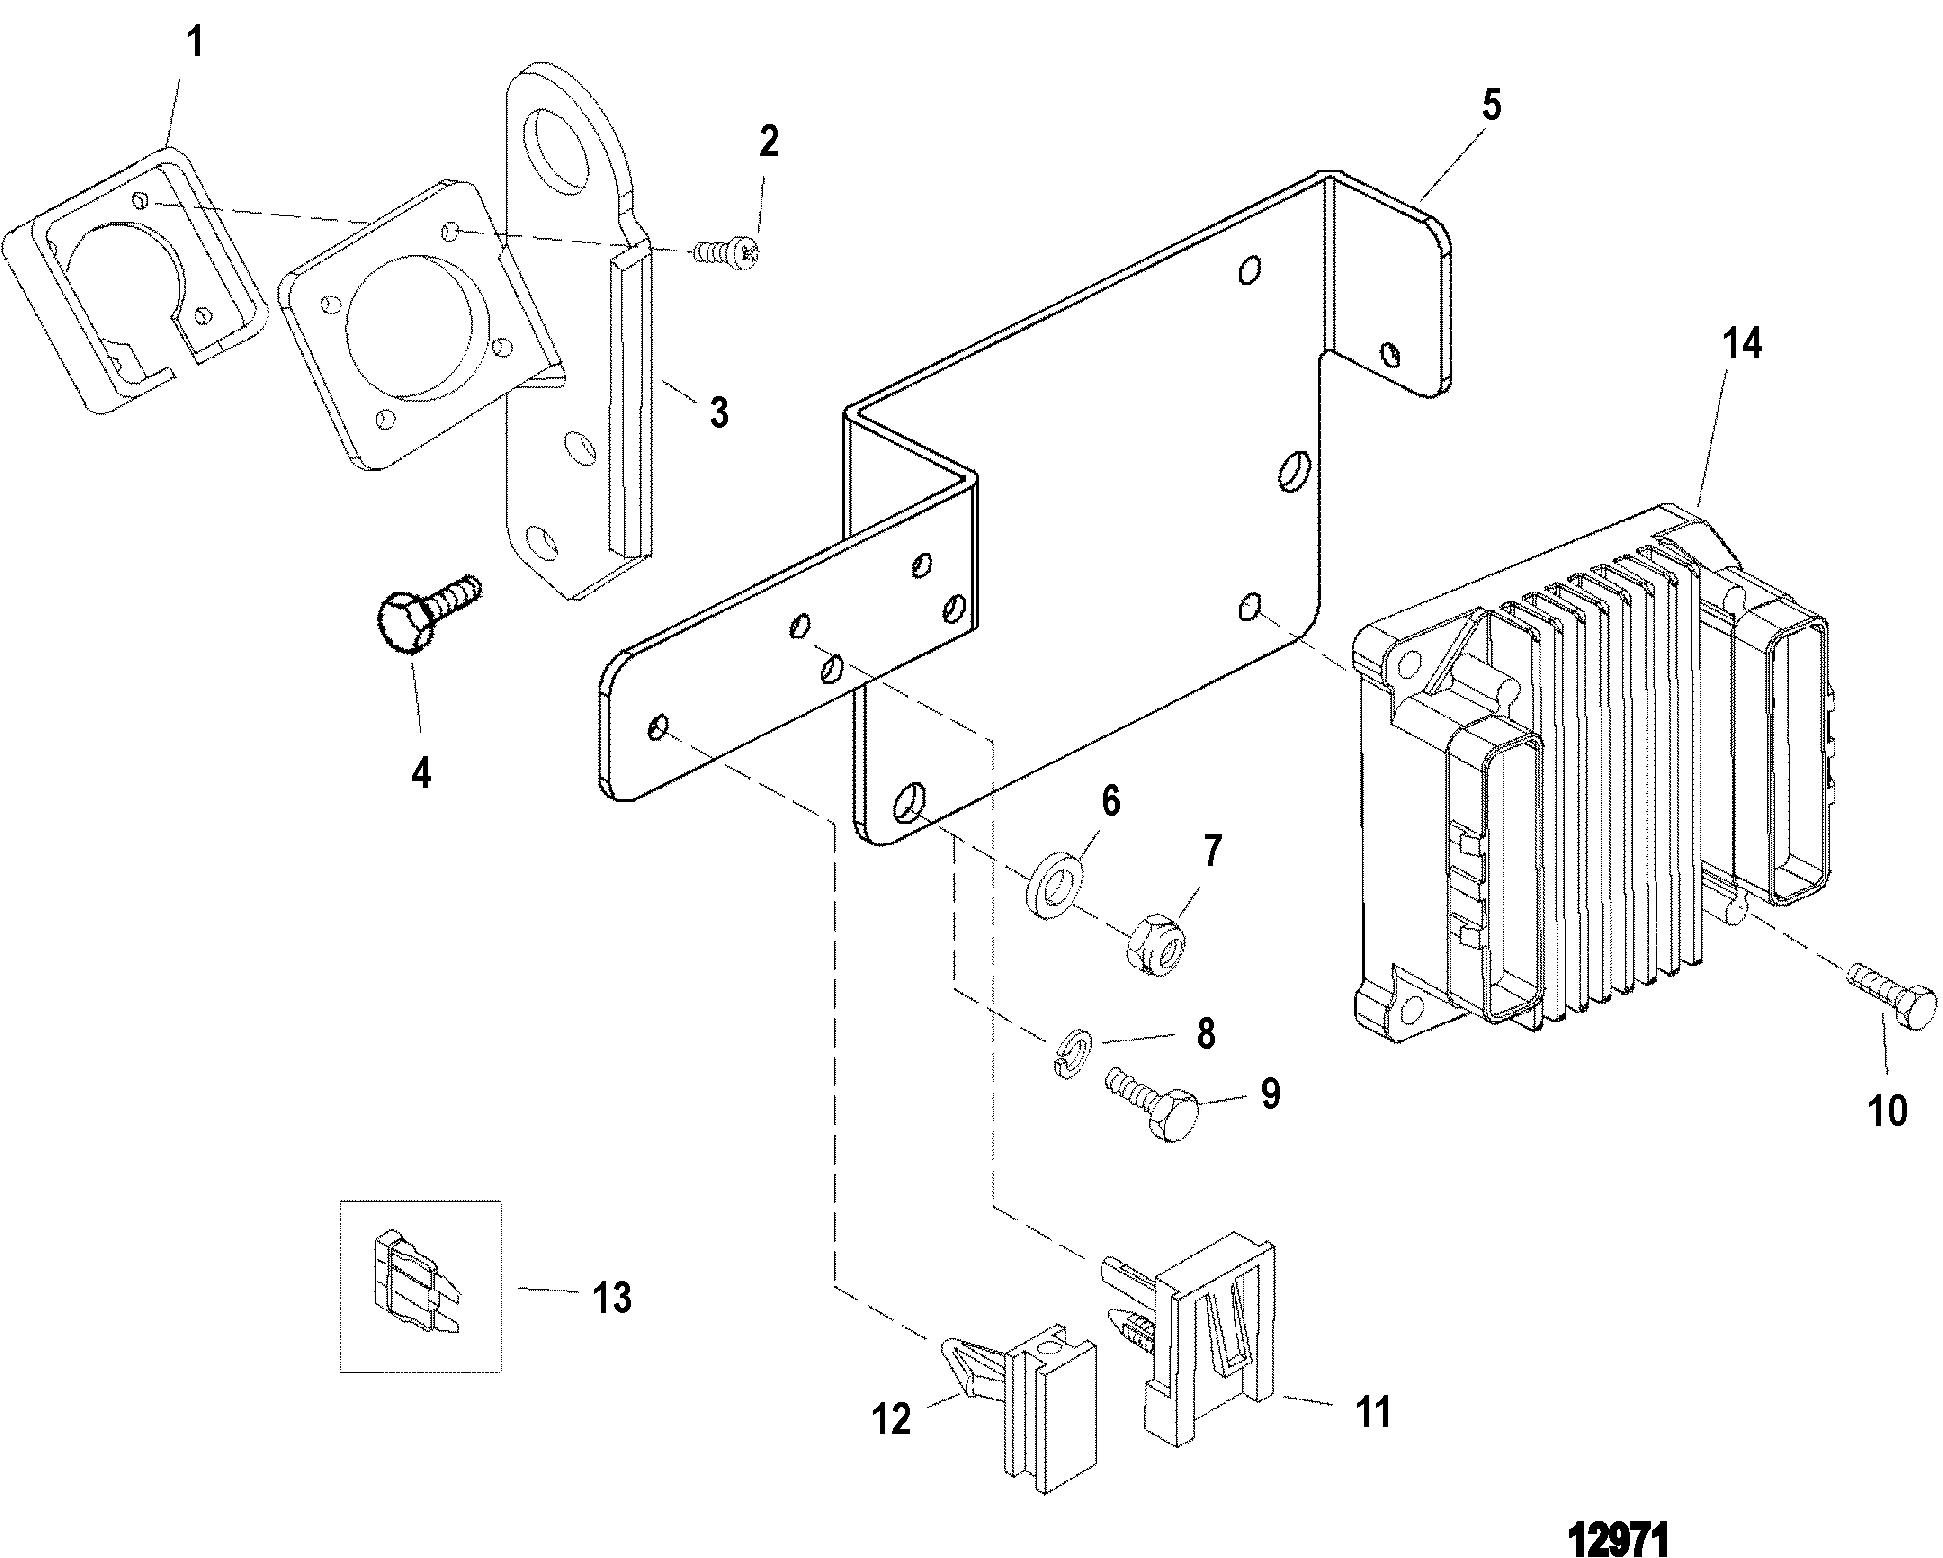 Mercathode System Wiring Diagram Com